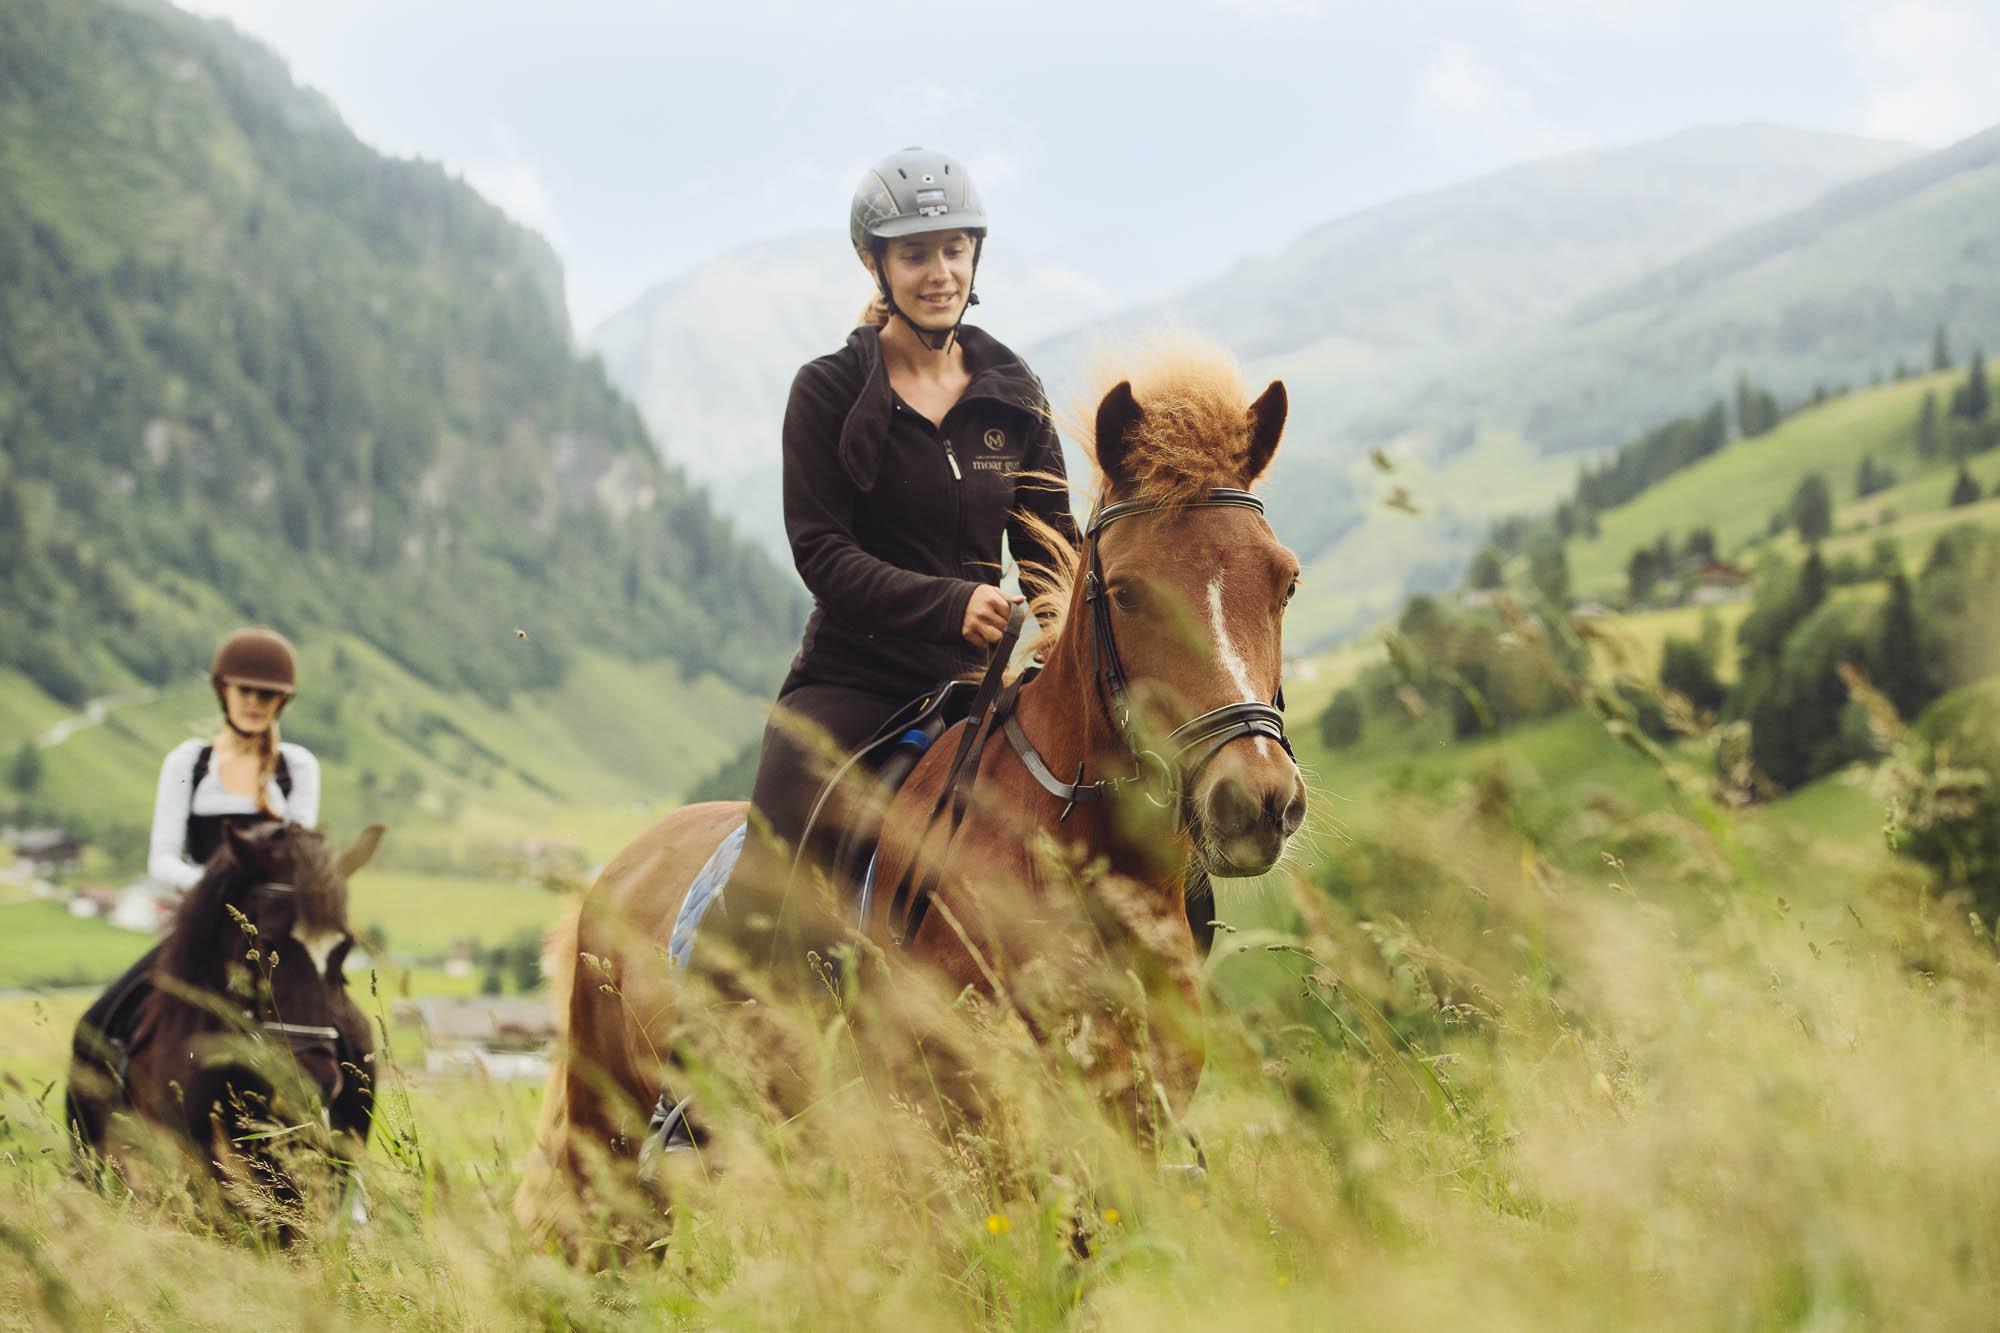 Das Glück auf der Erde liegt auch im Urlaub auf dem Rücken der Pferde.